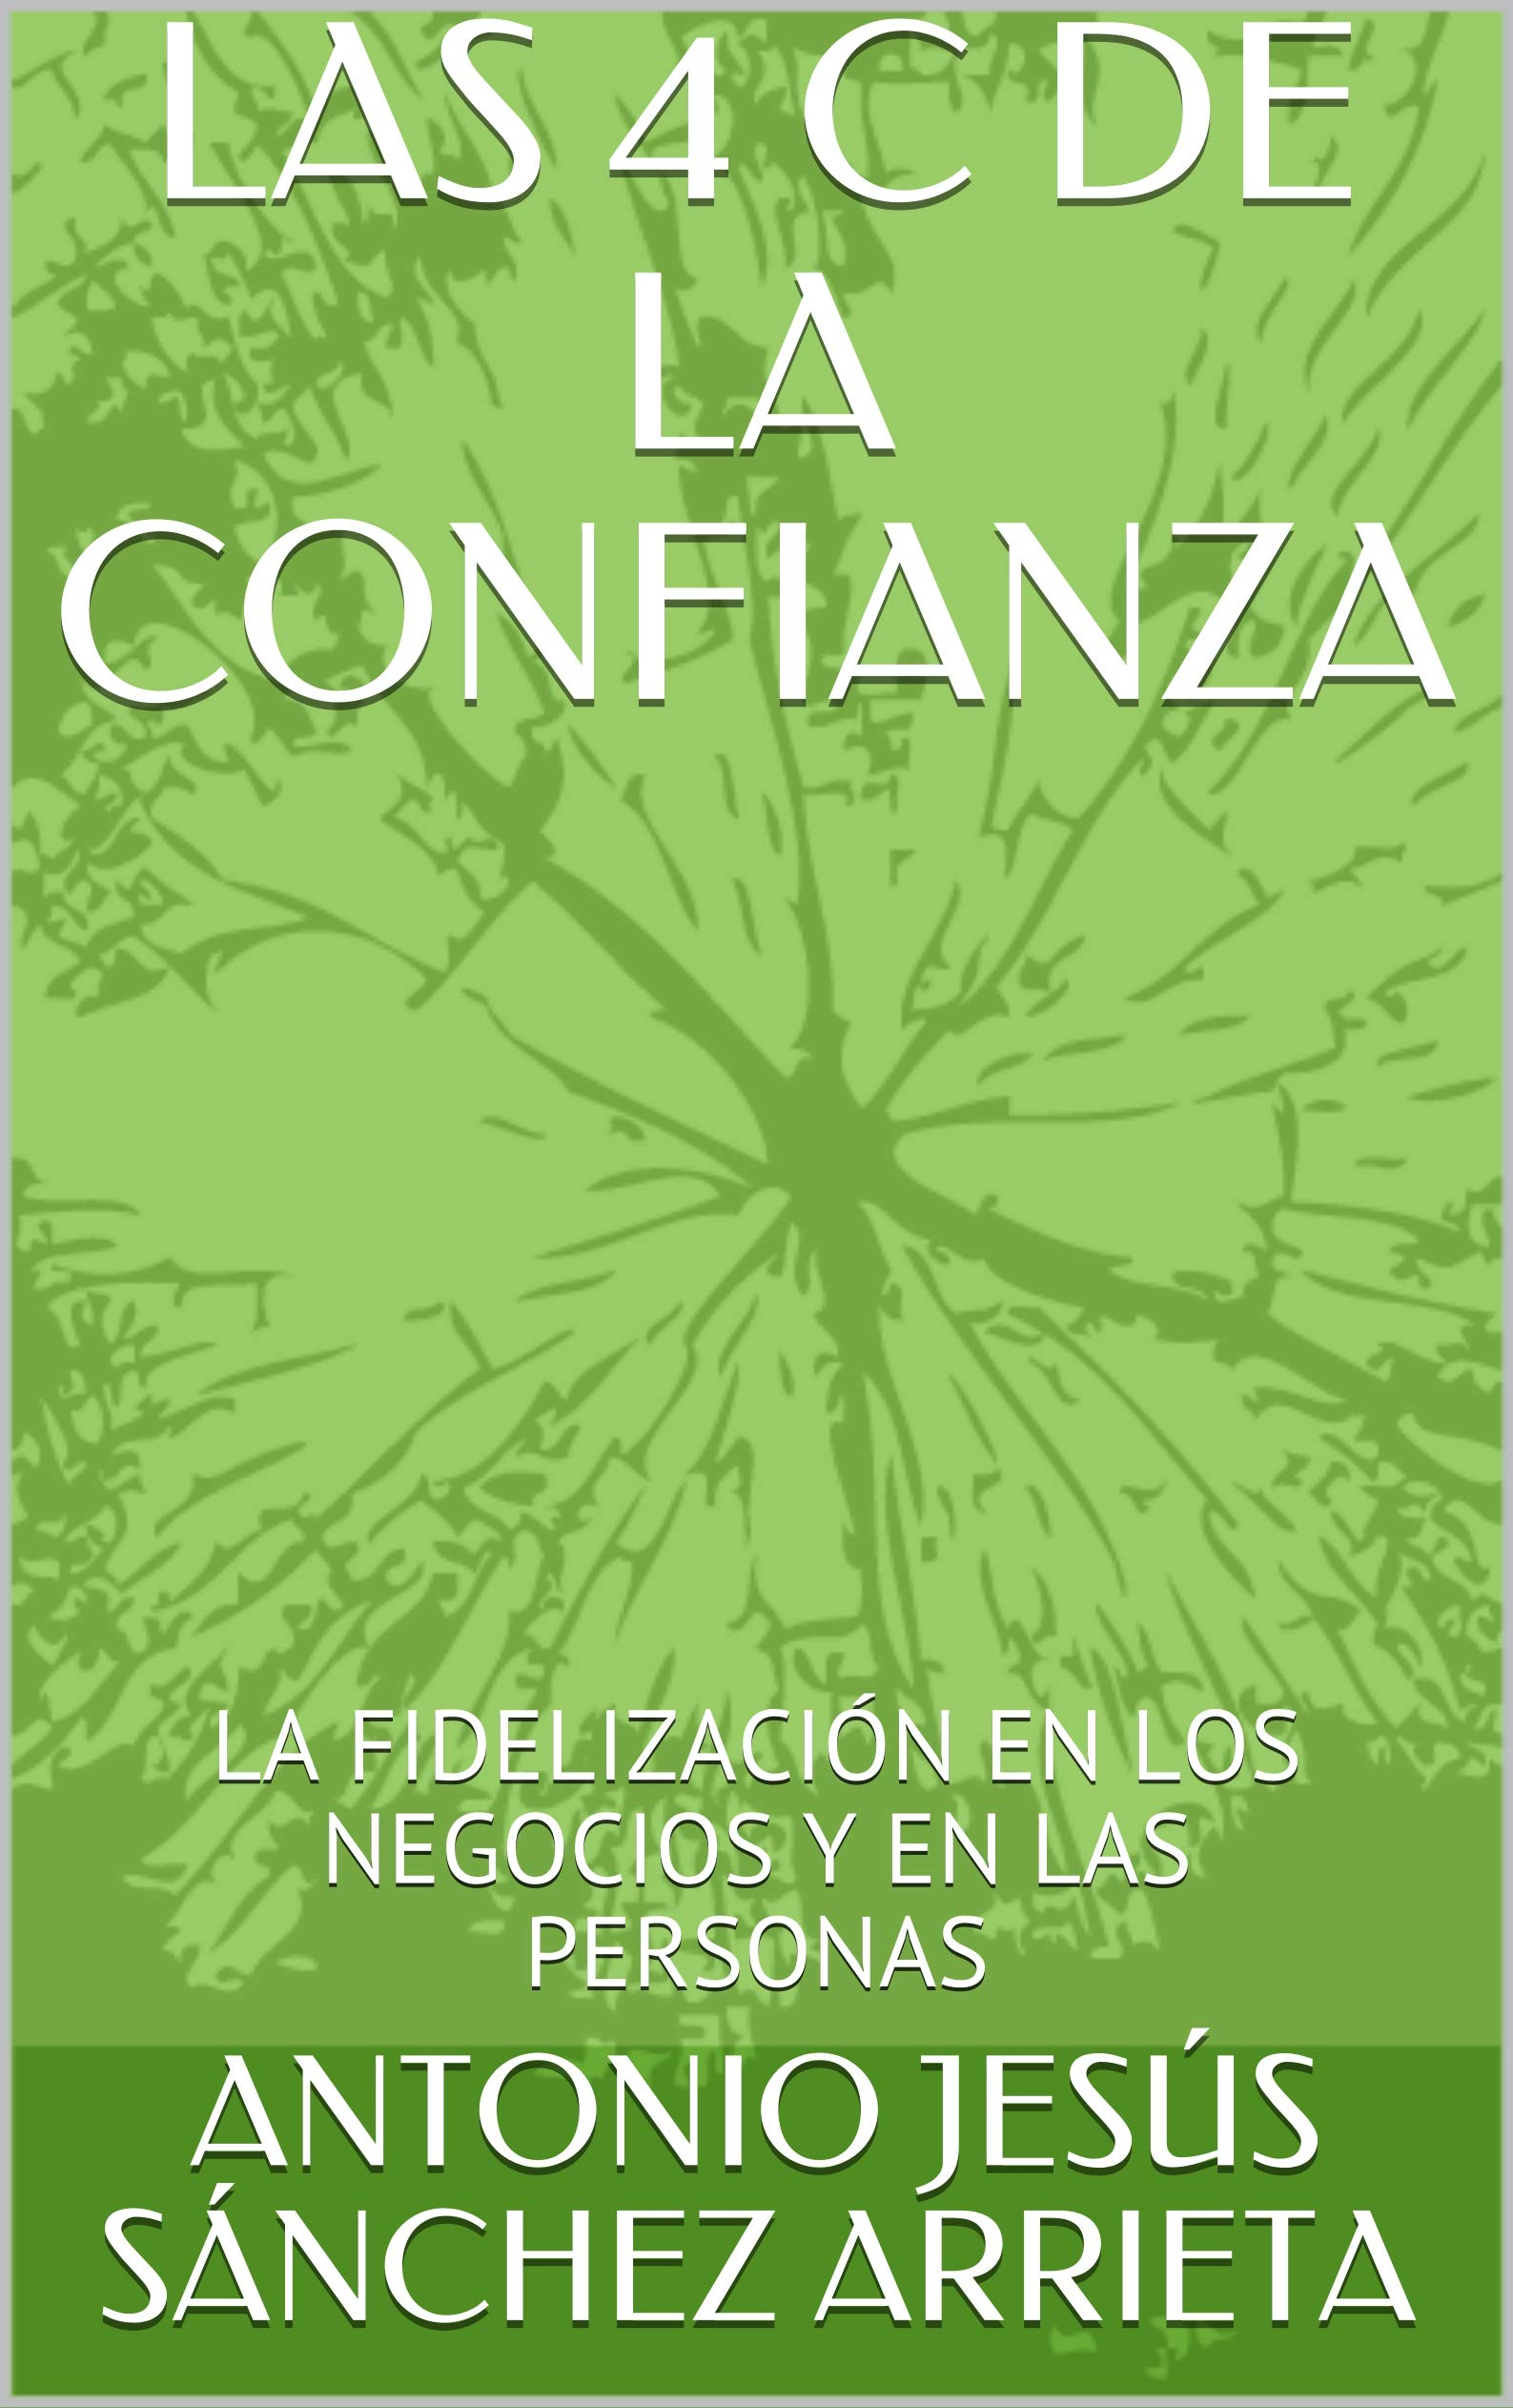 LAS 4 C DE LA CONFIANZA: LA FIDELIZACIÓN EN LOS NEGOCIOS Y EN LAS PERSONAS (Spanish Edition)